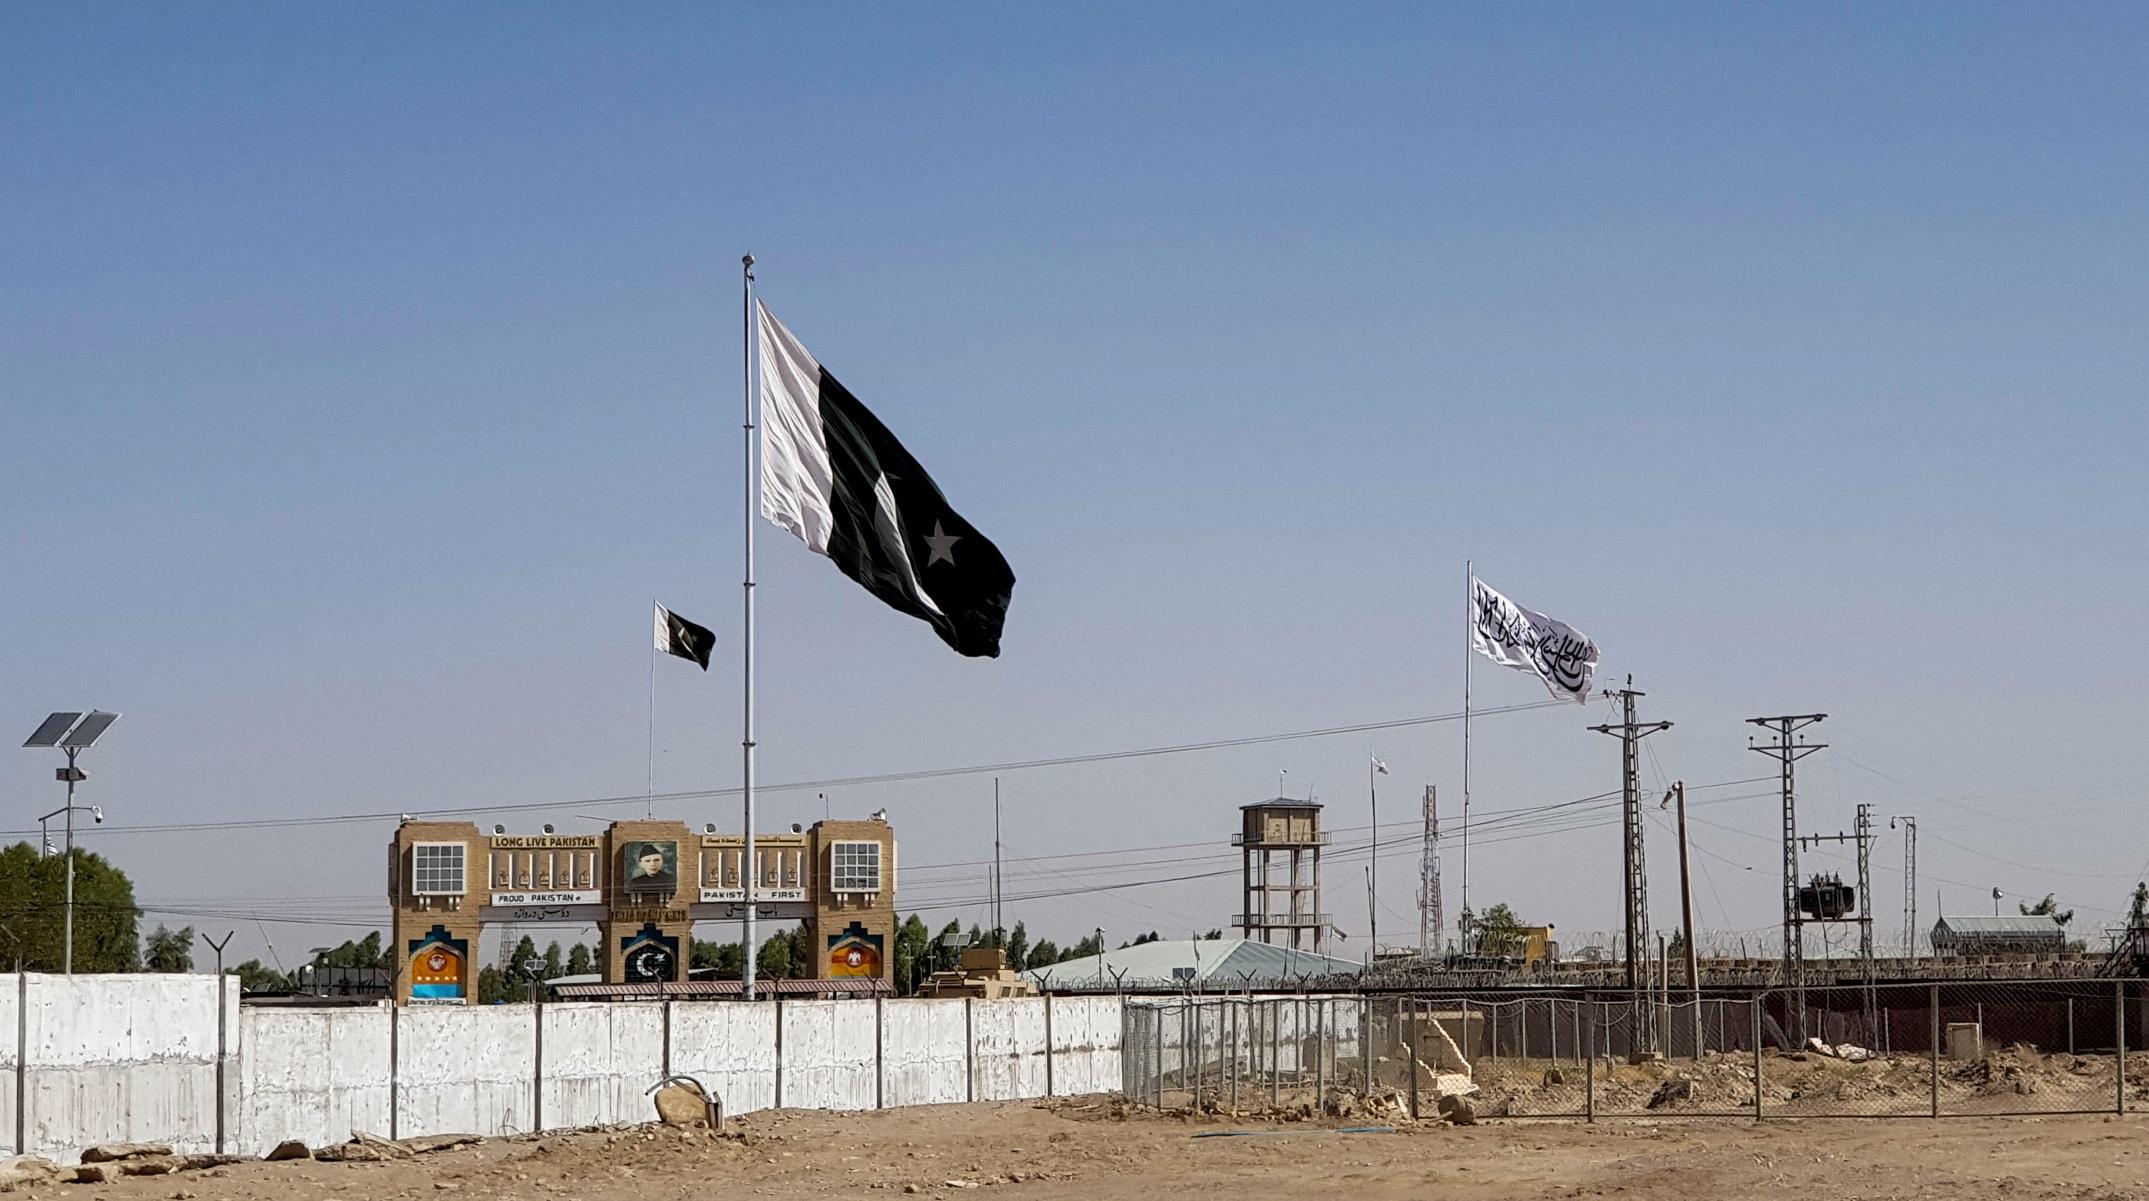 Αφγανιστάν: Προελαύνουν οι αντάρτες Ταλιμπάν – Κατέλαβαν και την πόλη Χεράτ